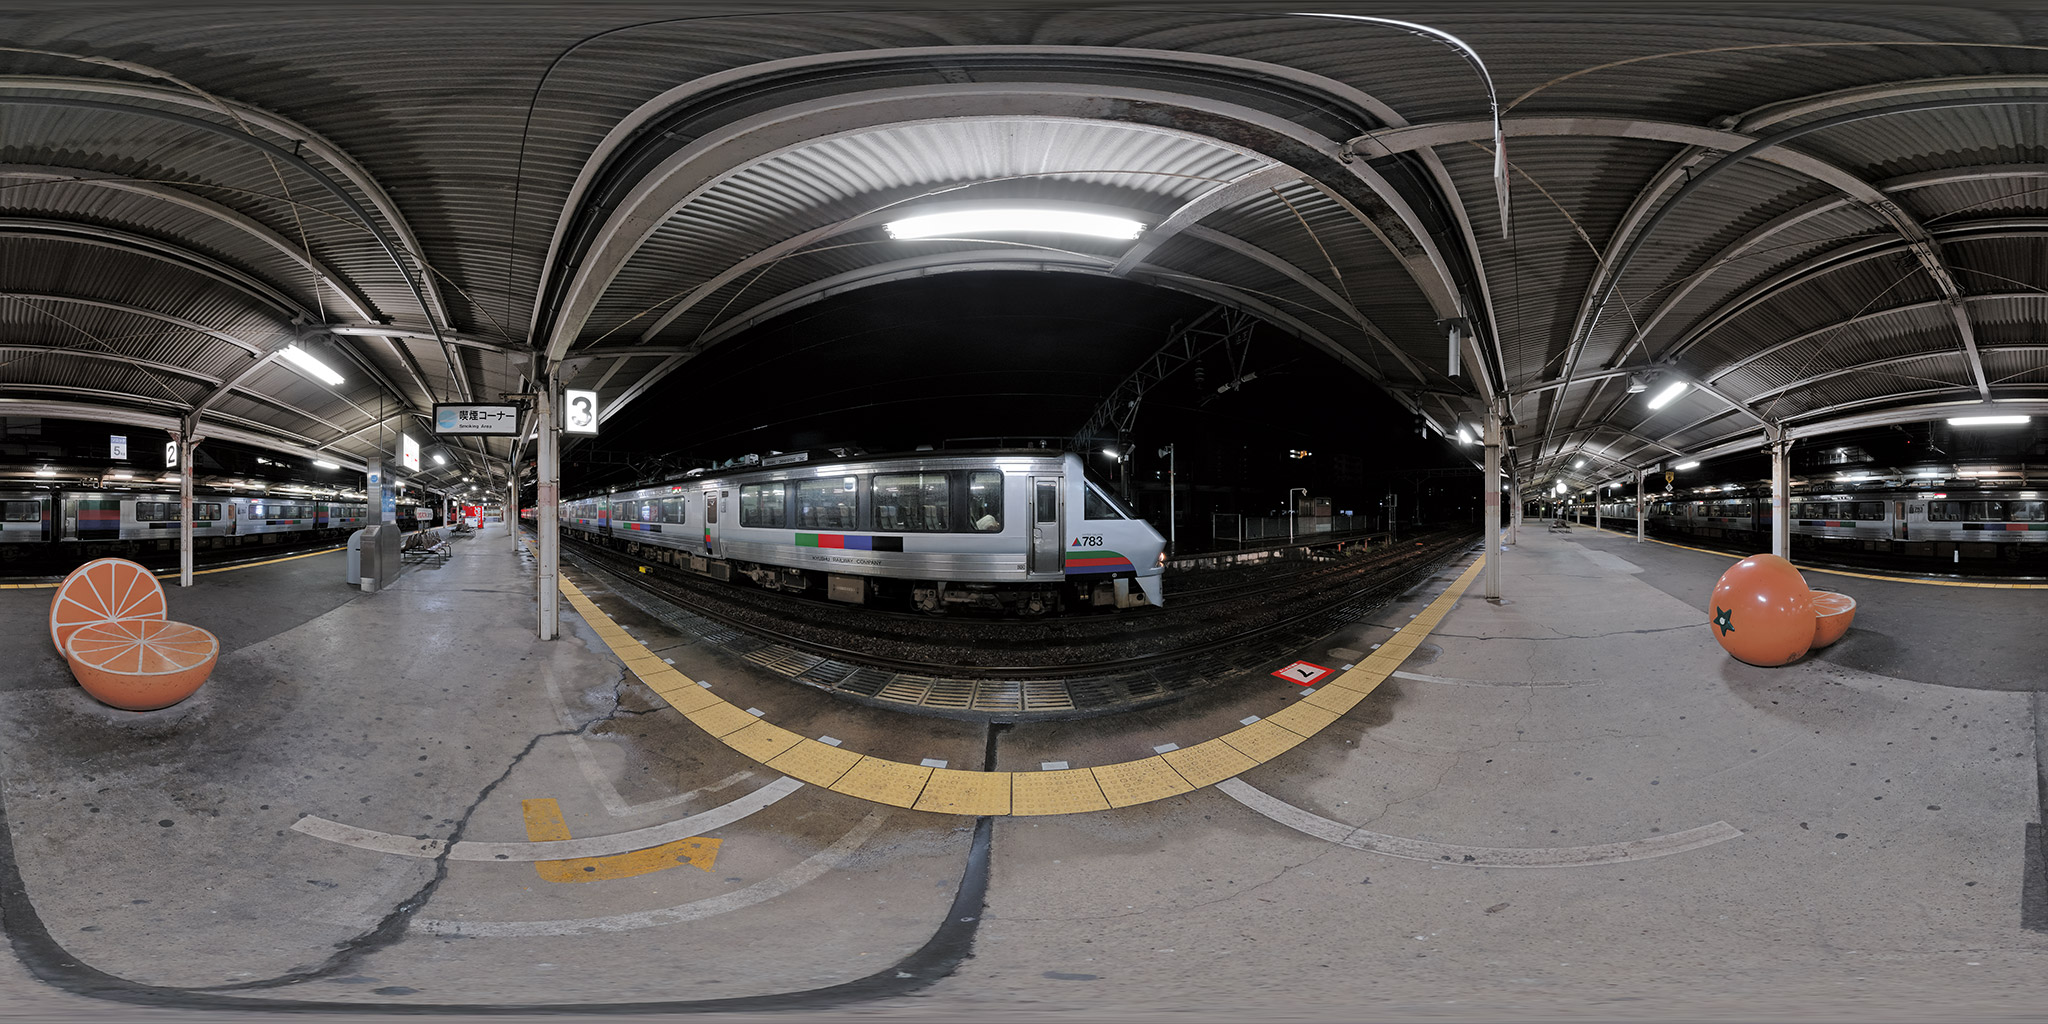 深夜の日豊本線大分駅で長時間停車する特急ドリームにちりん